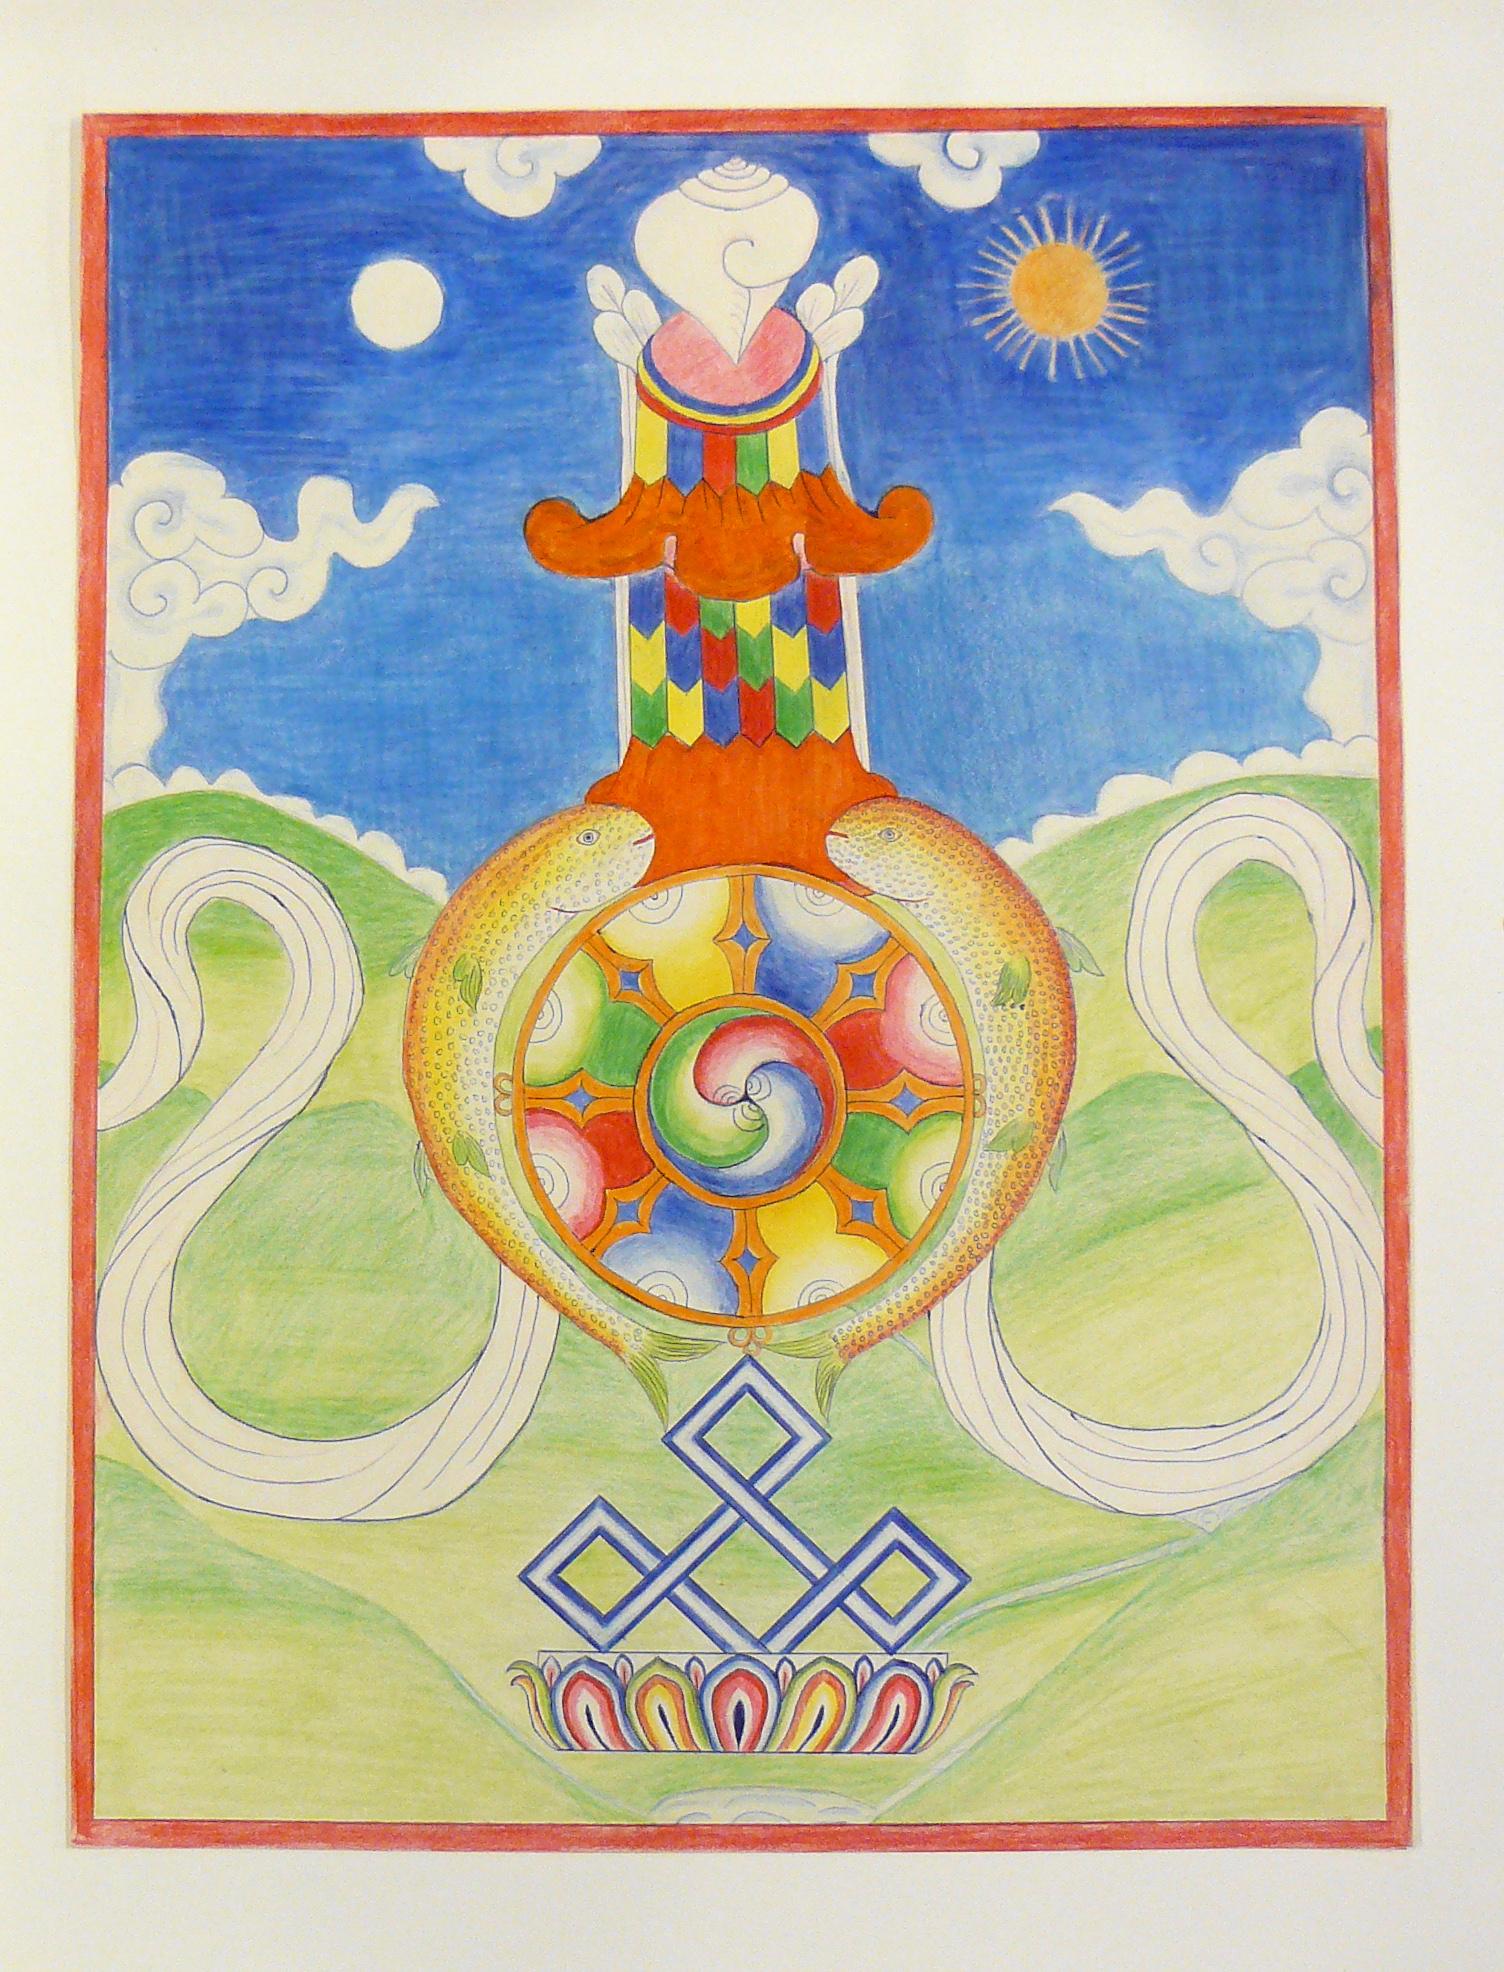 Iikubo Gallery: Buddhist Art - DePauw University